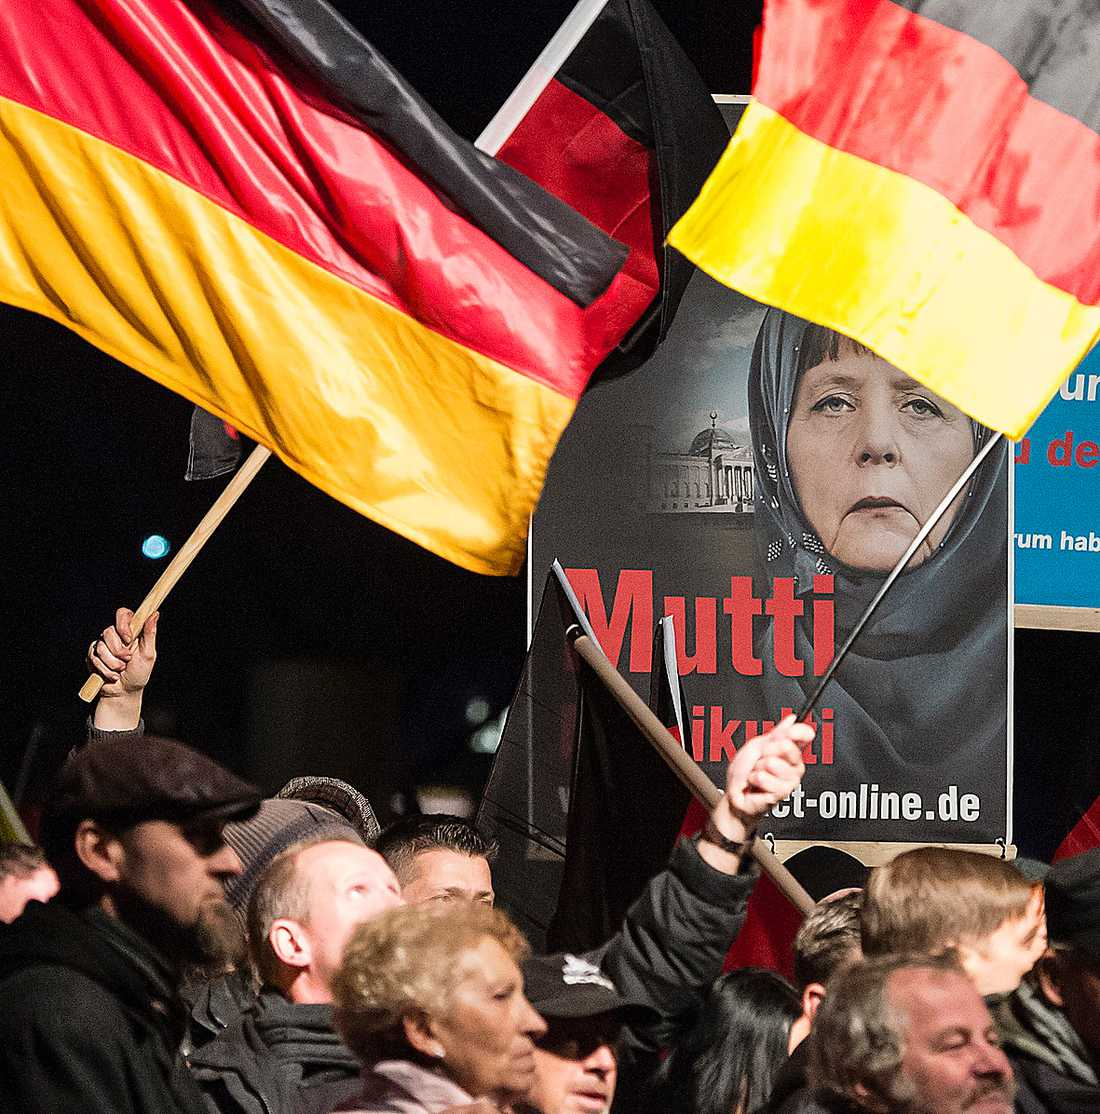 """Val idag Angela Merkel häcklas som """"Mamma multikulti"""" under en Afd-demonstration förra året. I dagens regionalval väntas nya framgångar för det högerradikala partiet. Foto: TT"""